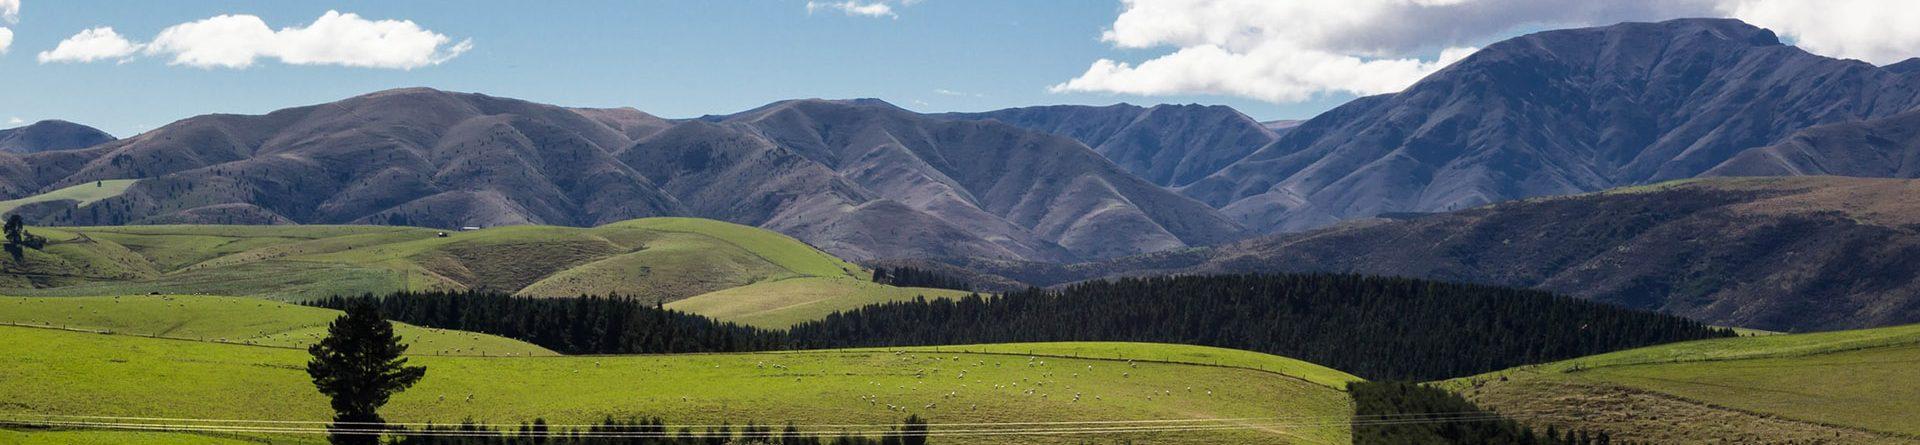 Жизнь в Новой Зеландии: плюсы и минусы